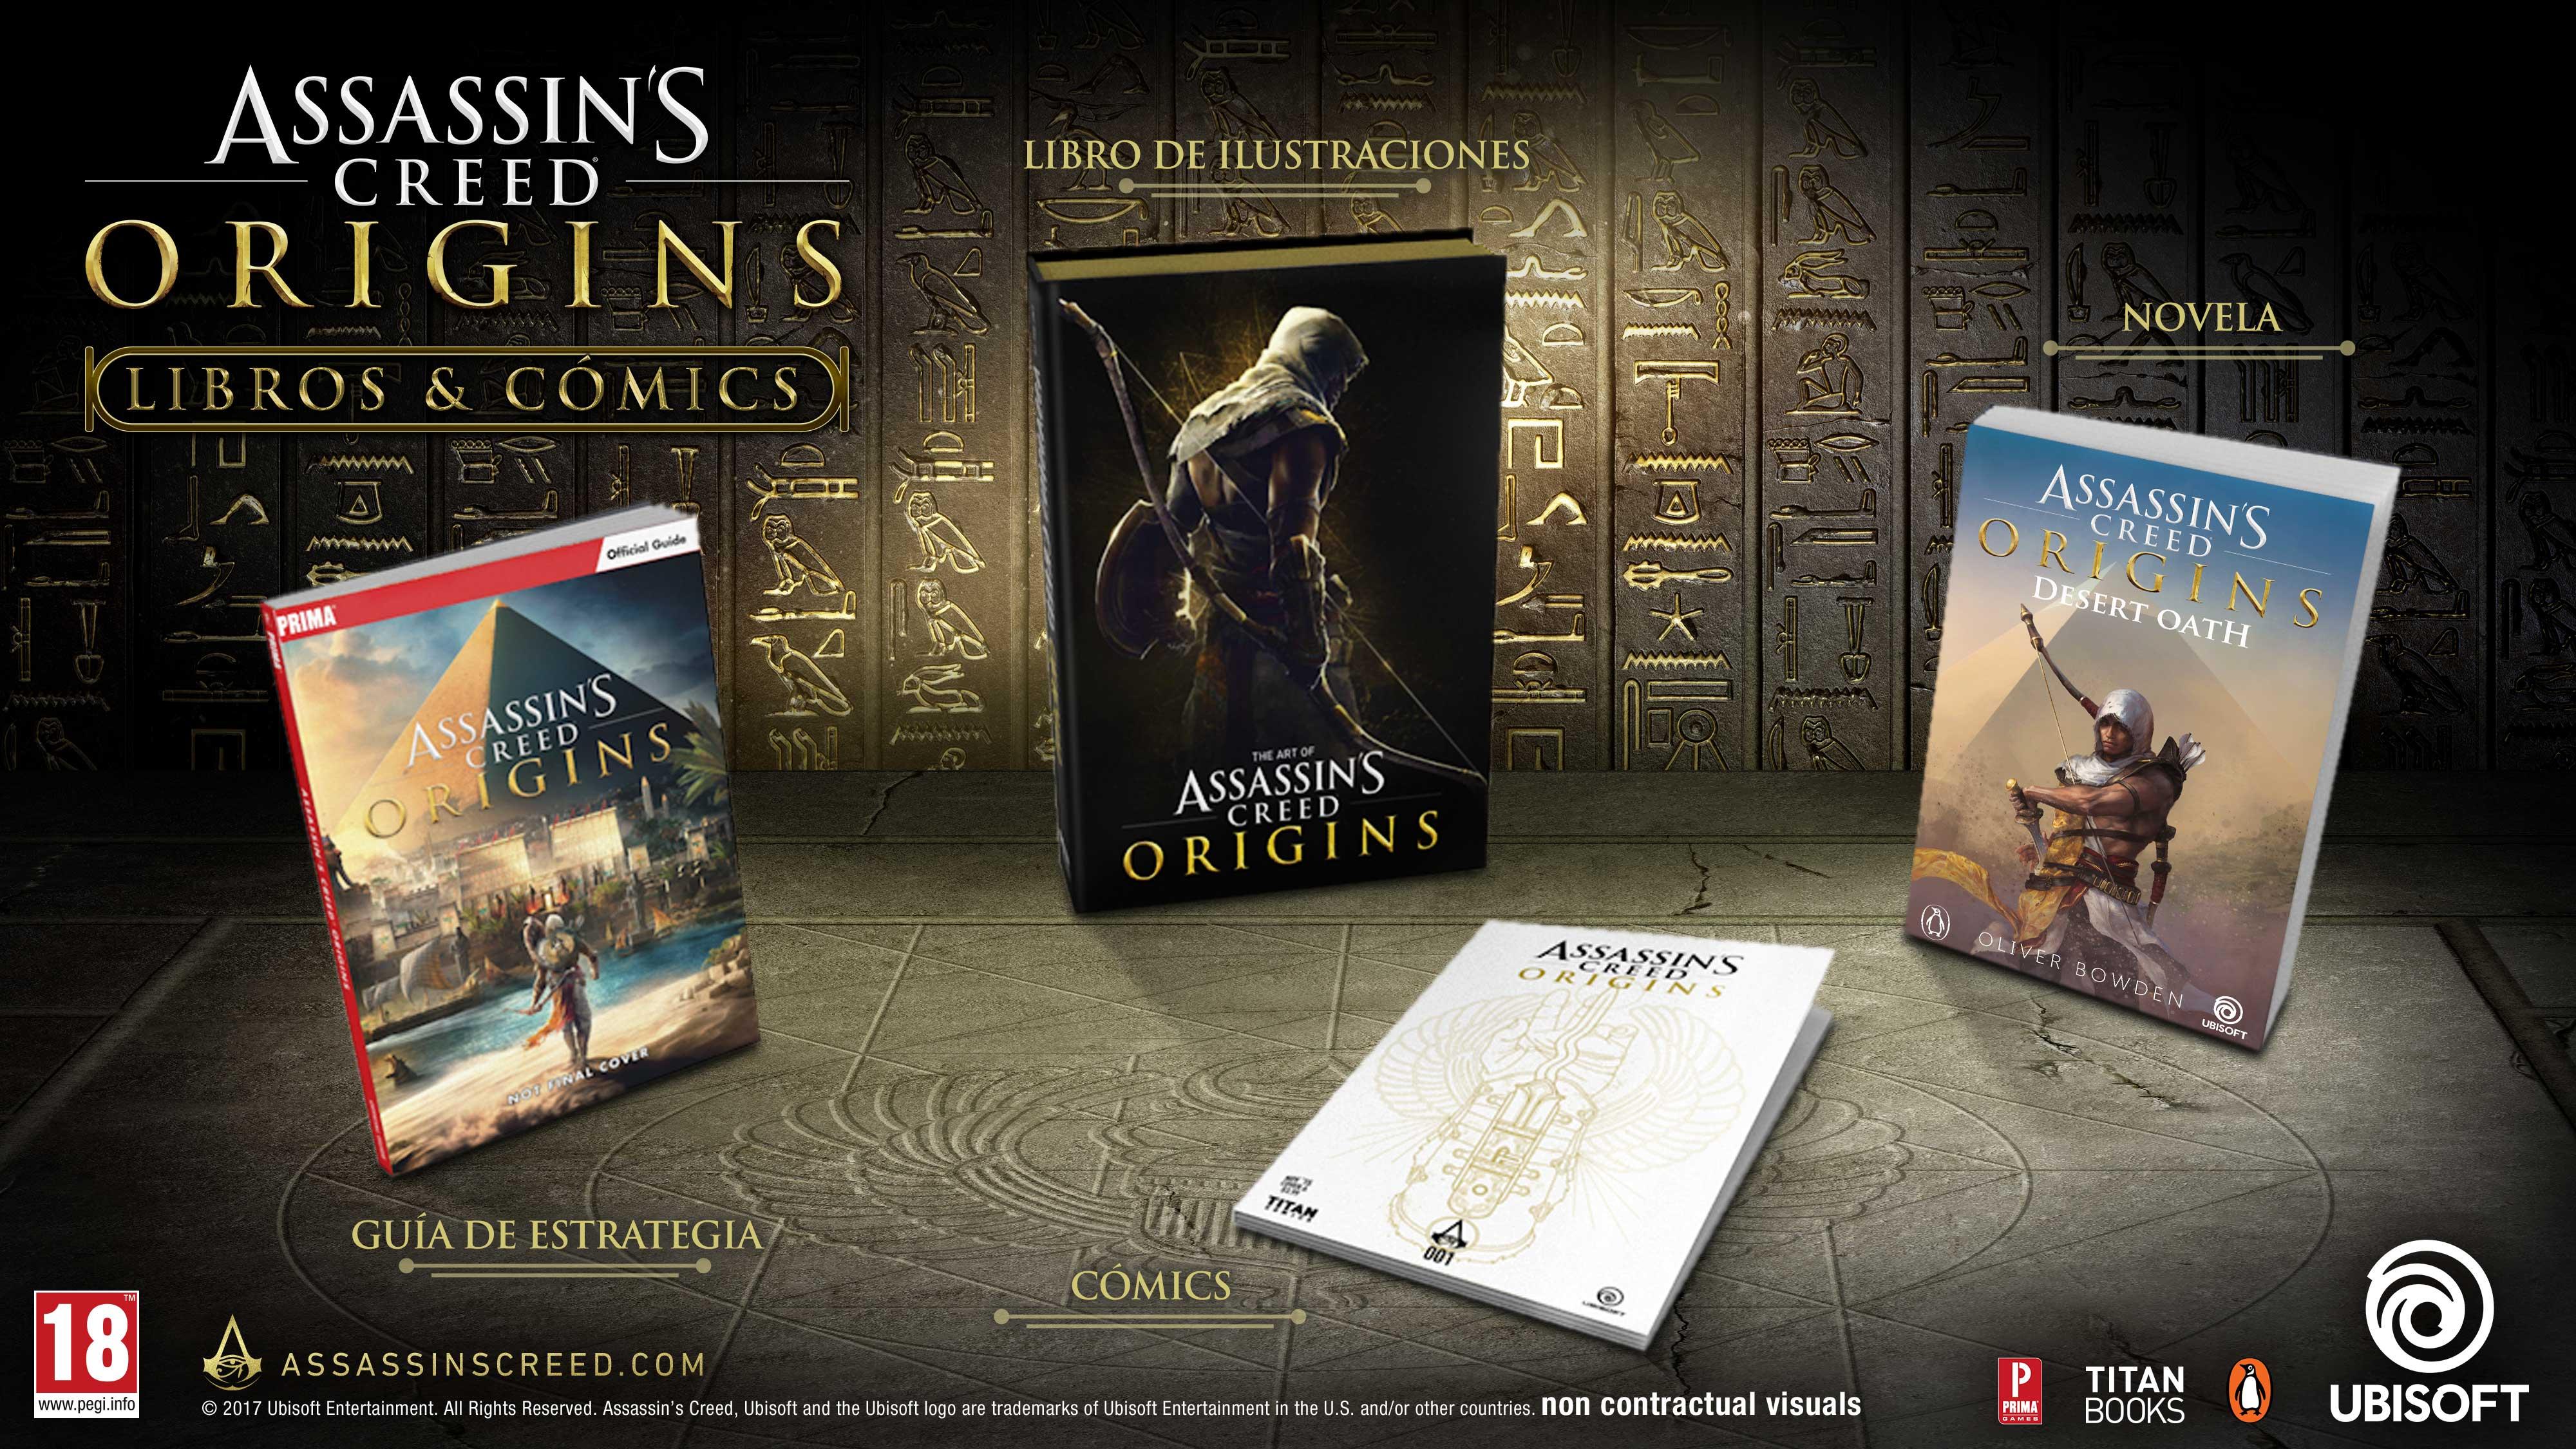 Assassin's Creed Origins se expande mas allá del videojuego